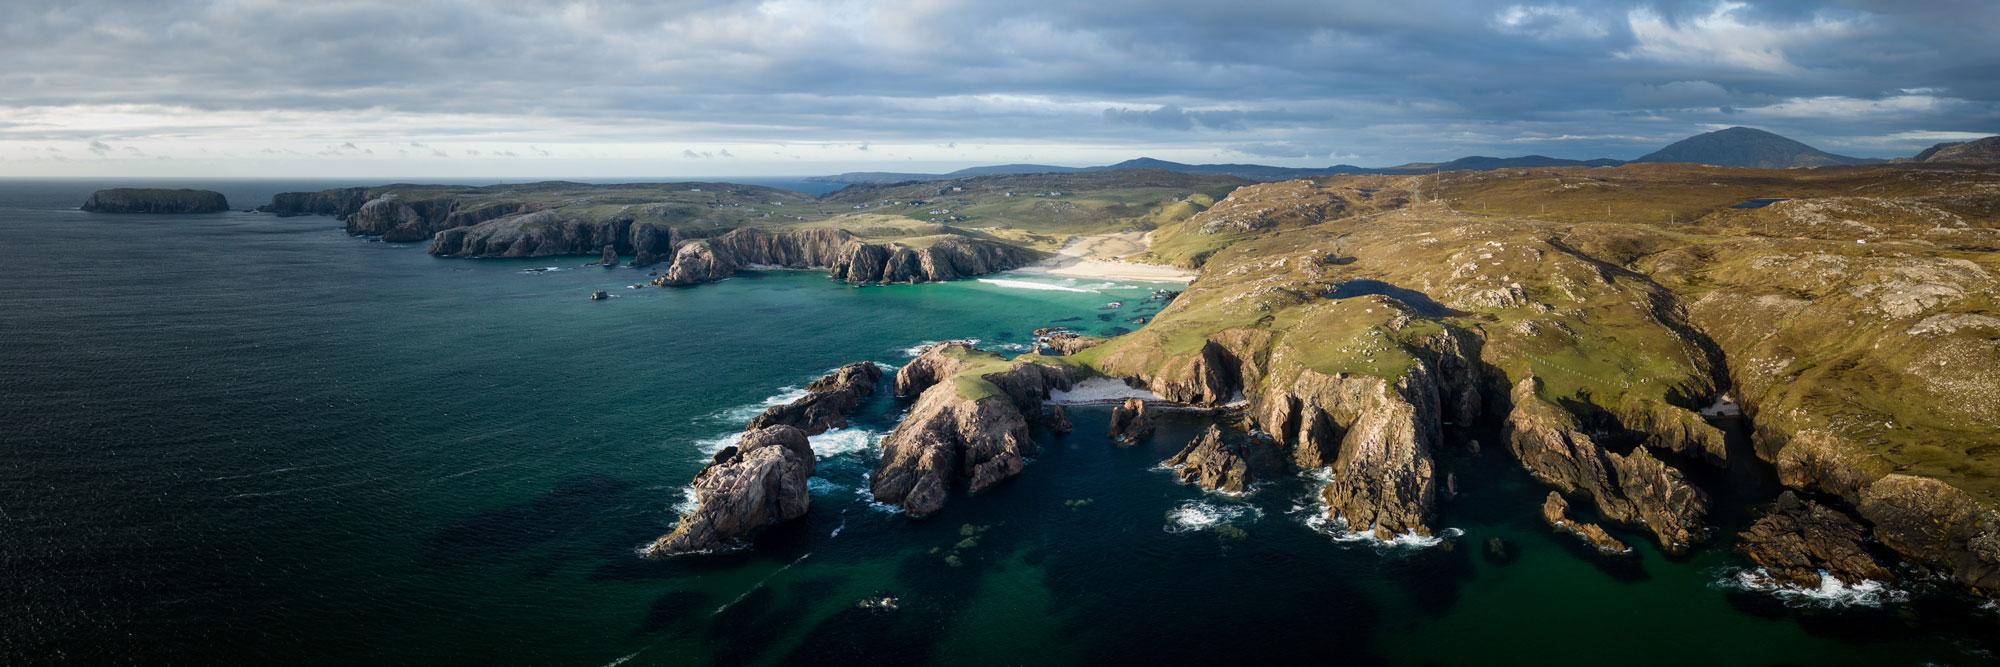 Mangurstadh cliffs and beach aerial in Scotland